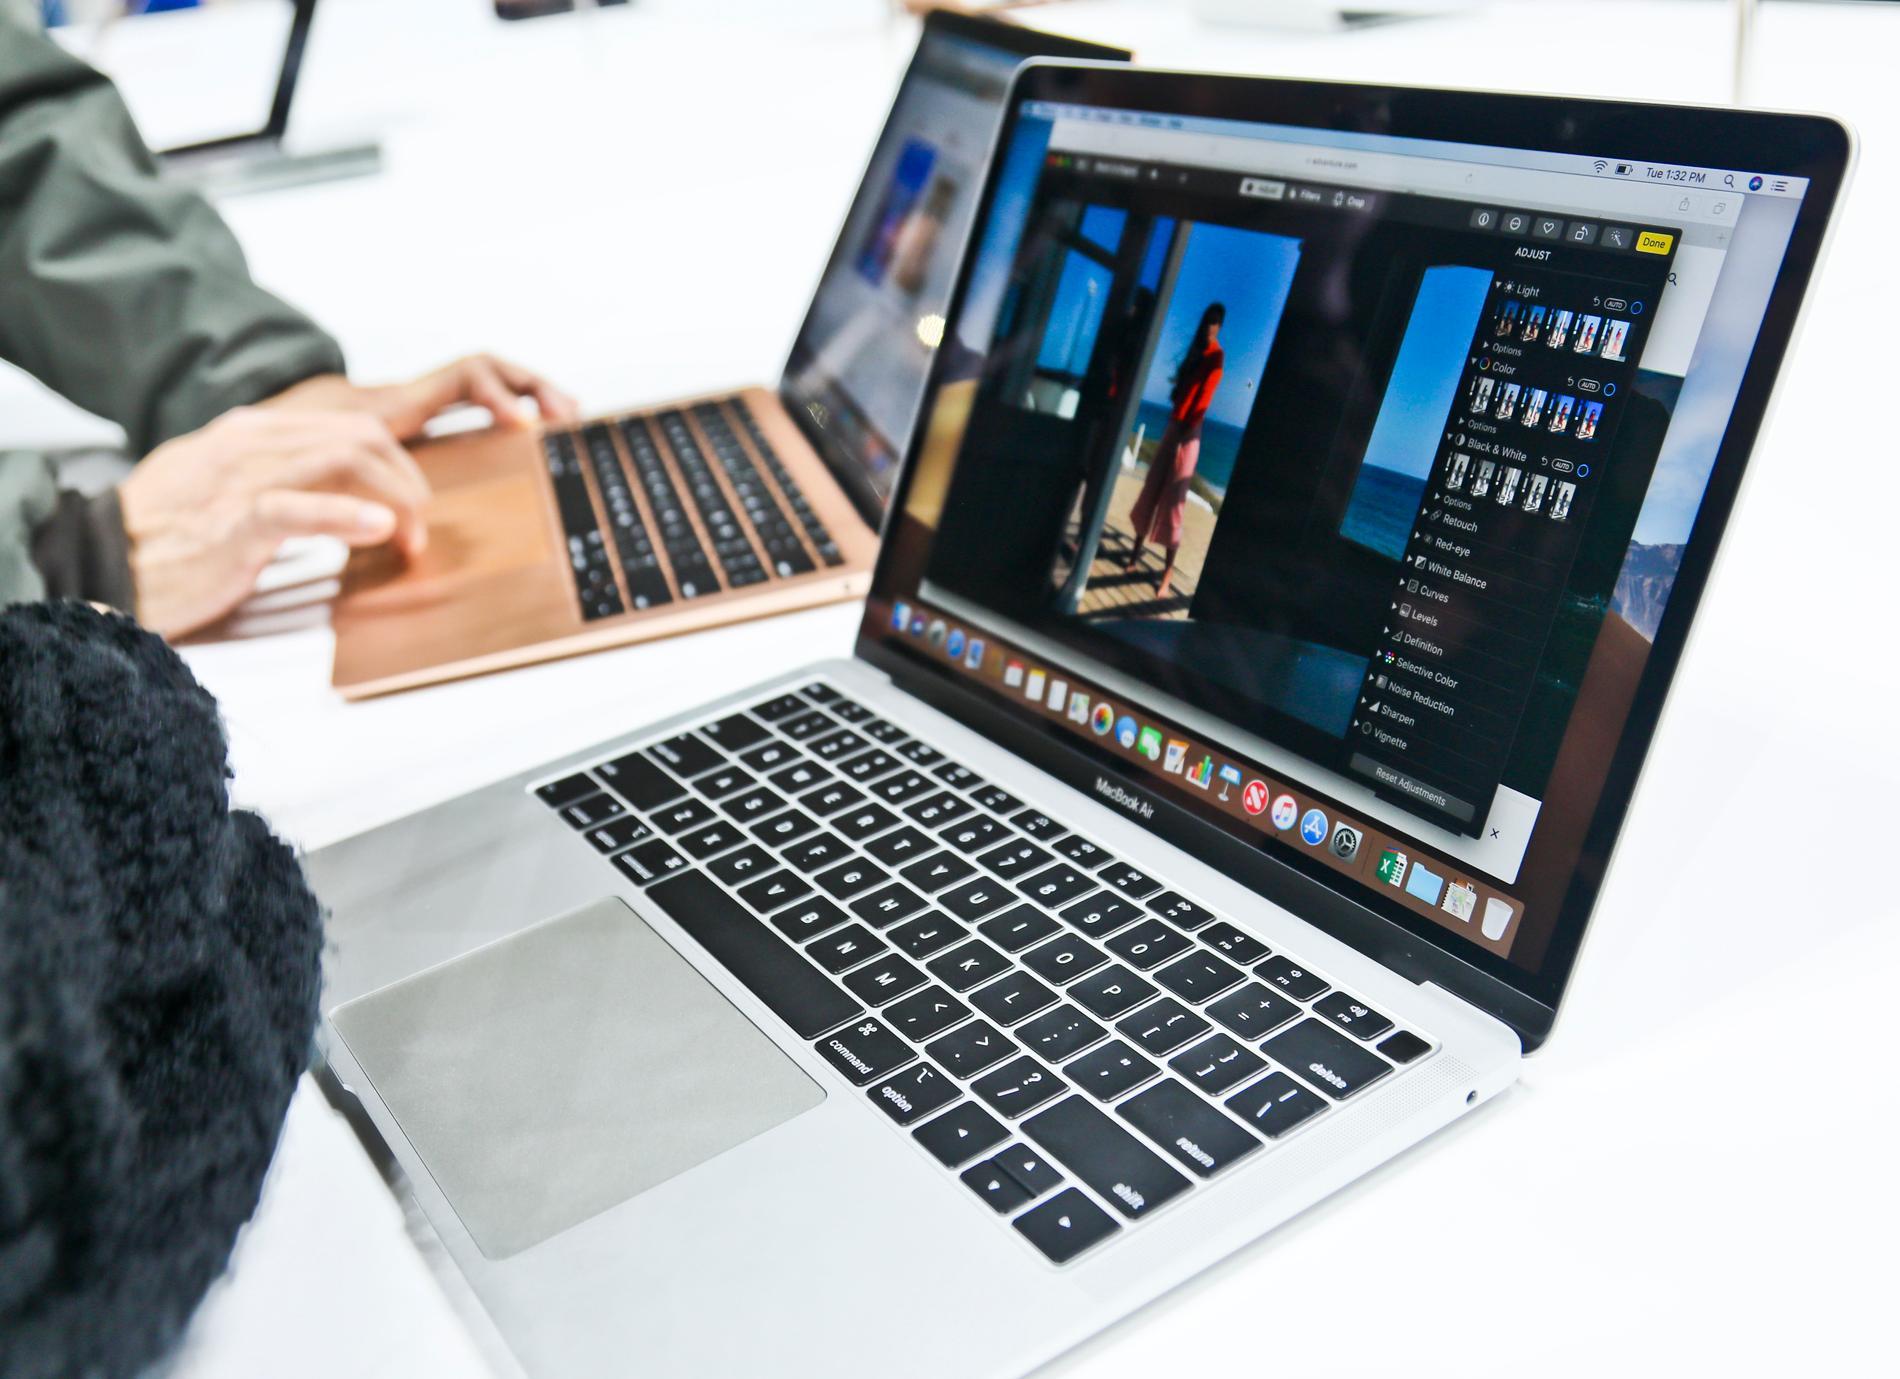 Nya Macbook Air kan sluta fungera om du försöker laga den själv.